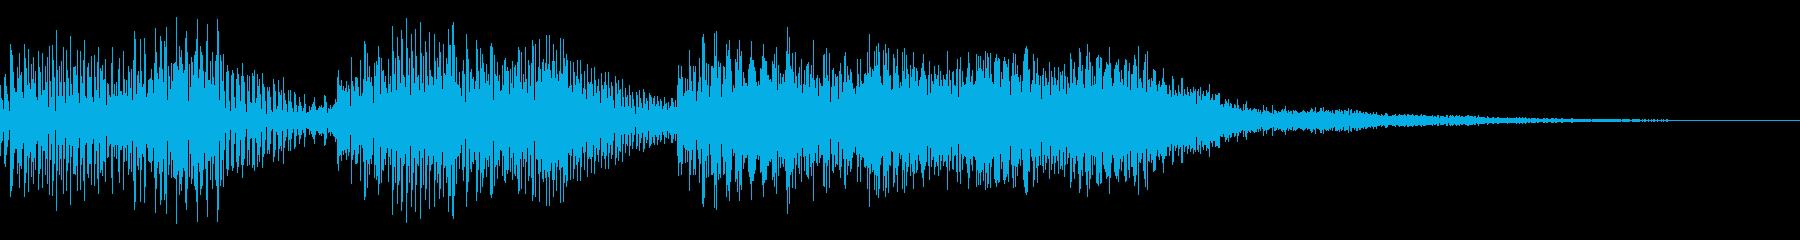 8bit ファミコン風 ゲームオーバーの再生済みの波形